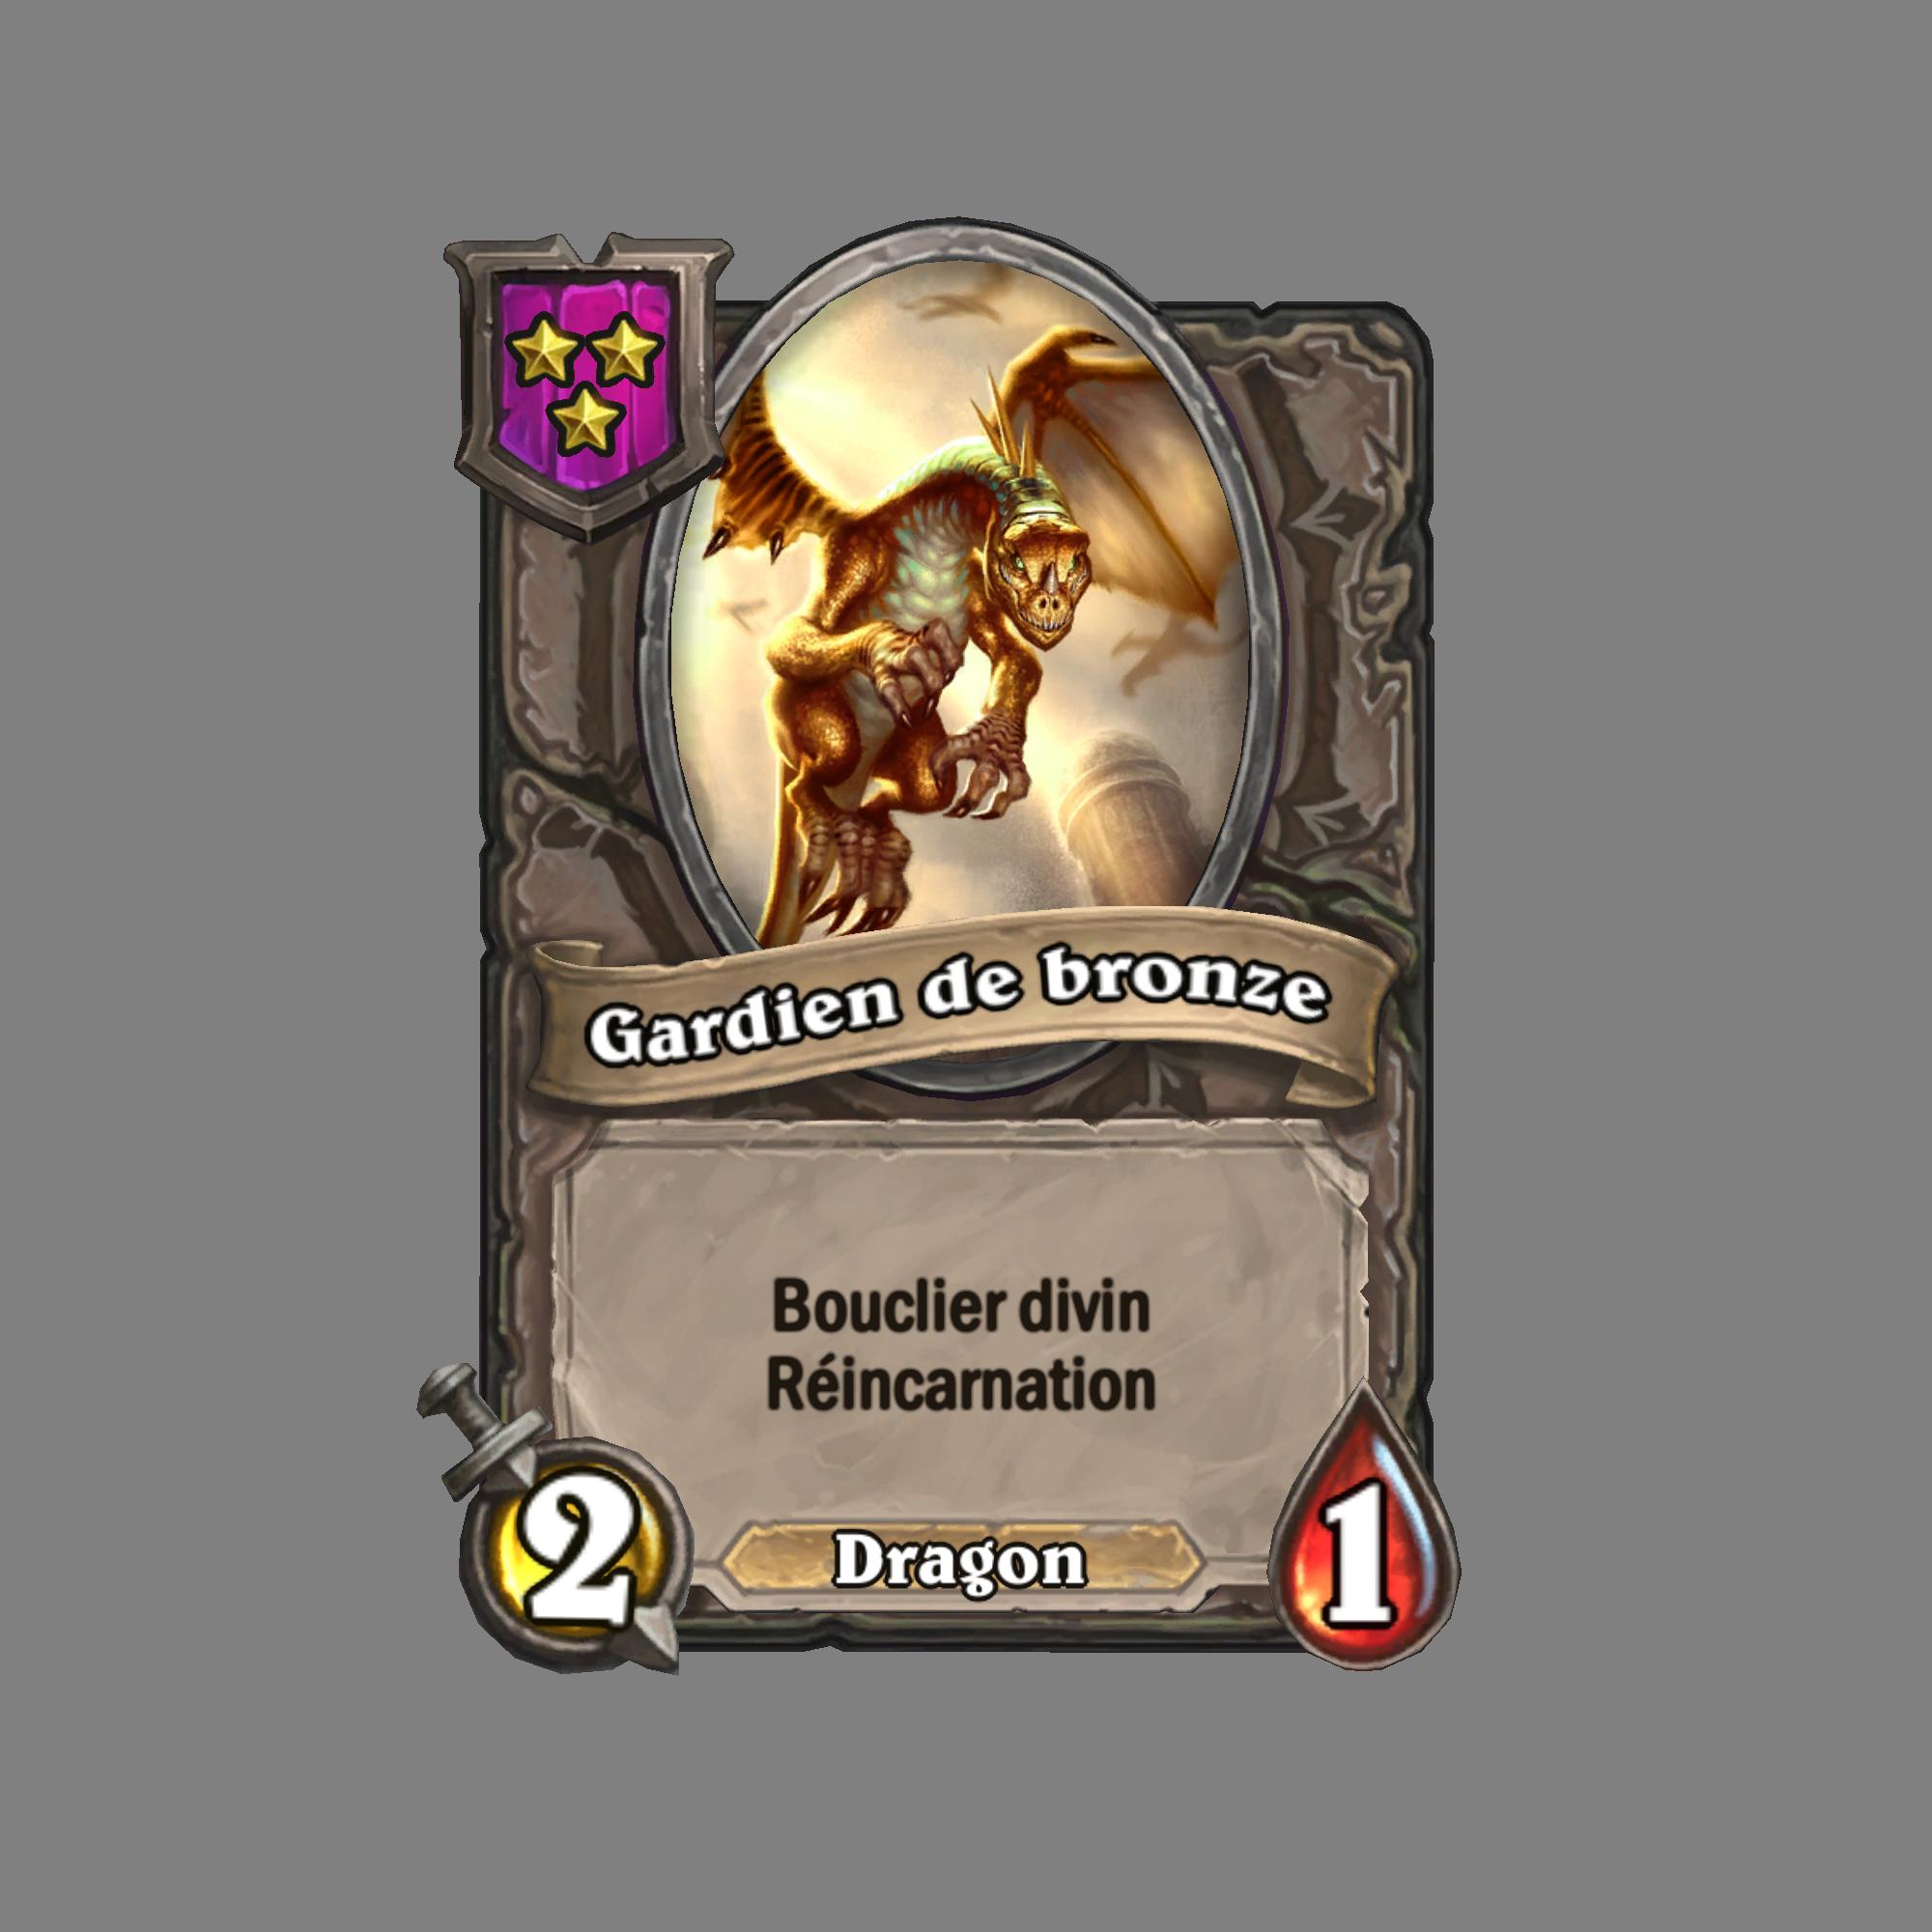 Gardien de bronze